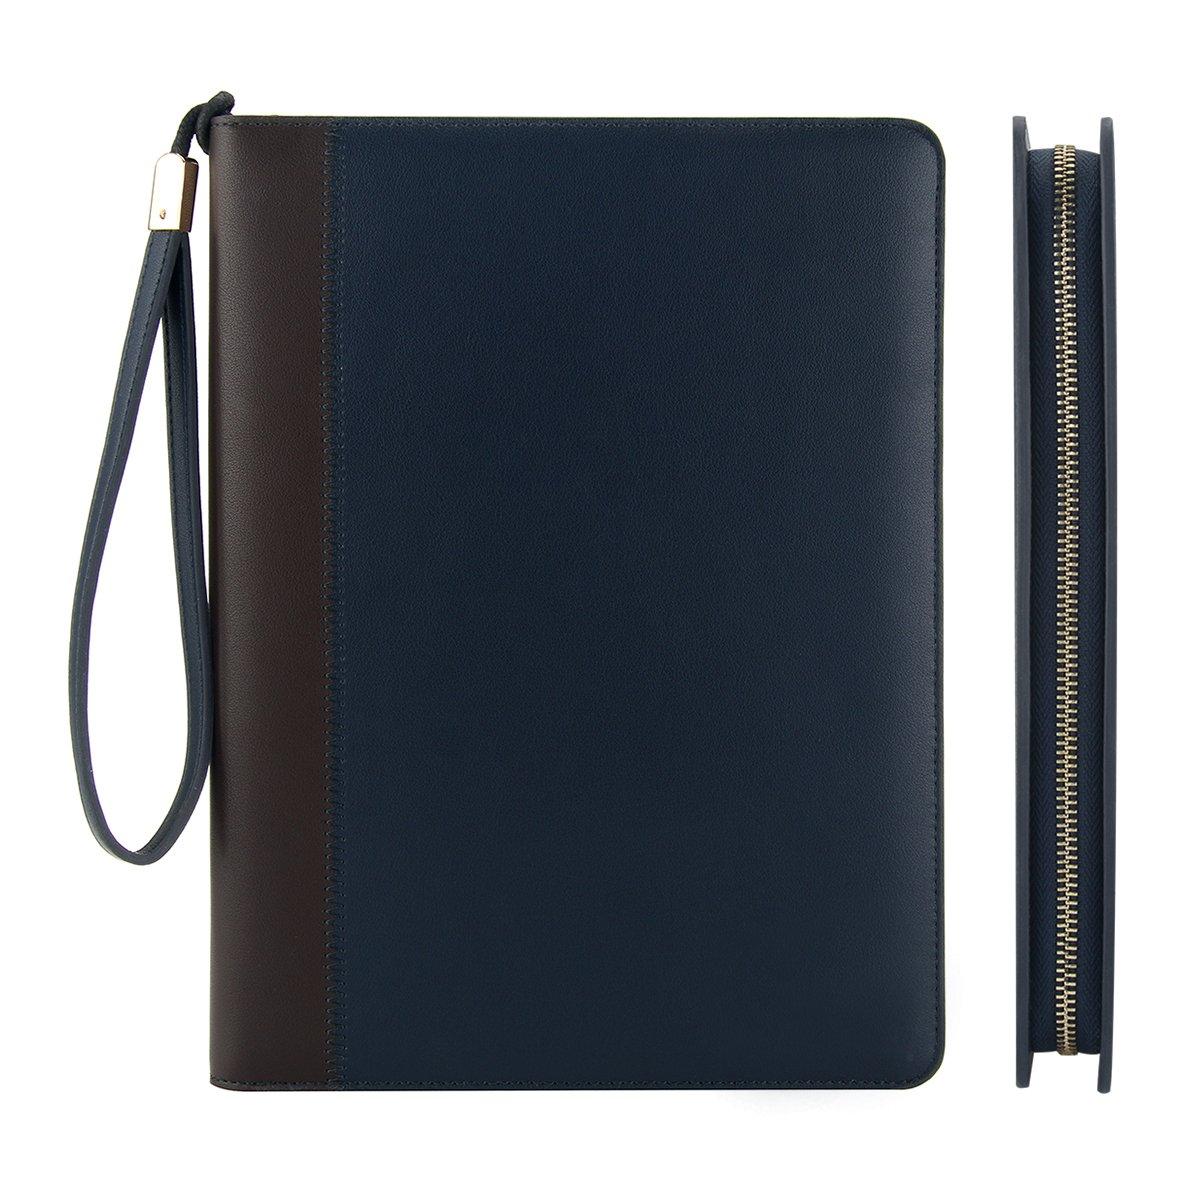 ずっと気になってた Scheam iPad Mini 4 財布 マルチカードホルダー バックシェルポーチ フォリオ PUレザーカバー Mini PUレザーカバー iPad ポーチケース付き iPad Mini 4交換用 - ダークブルー B07L93K1MK, 釣具のレインドロップス:fdf7006d --- a0267596.xsph.ru